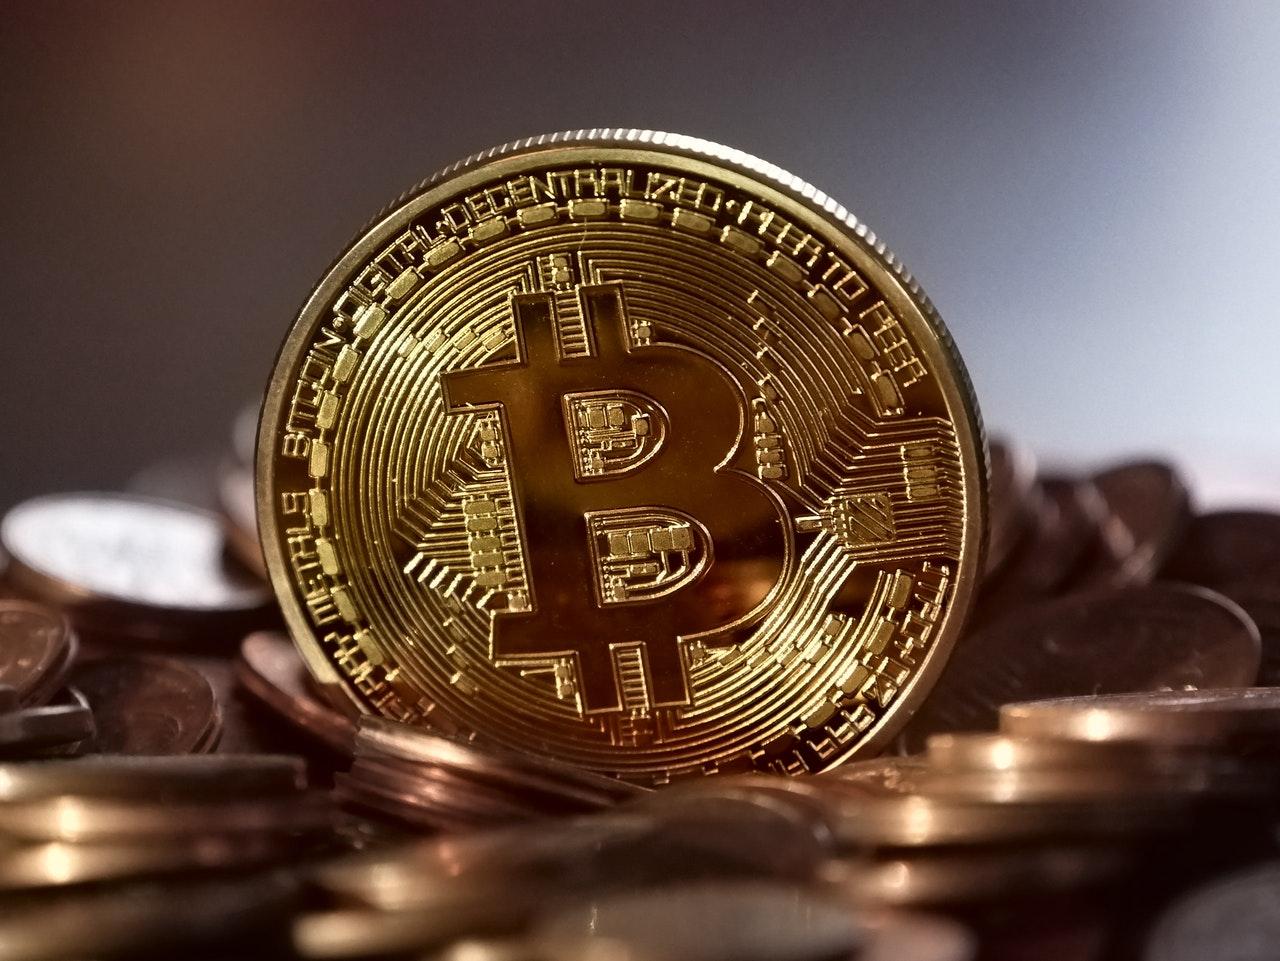 Kako se Musk igra s bitcoinom?